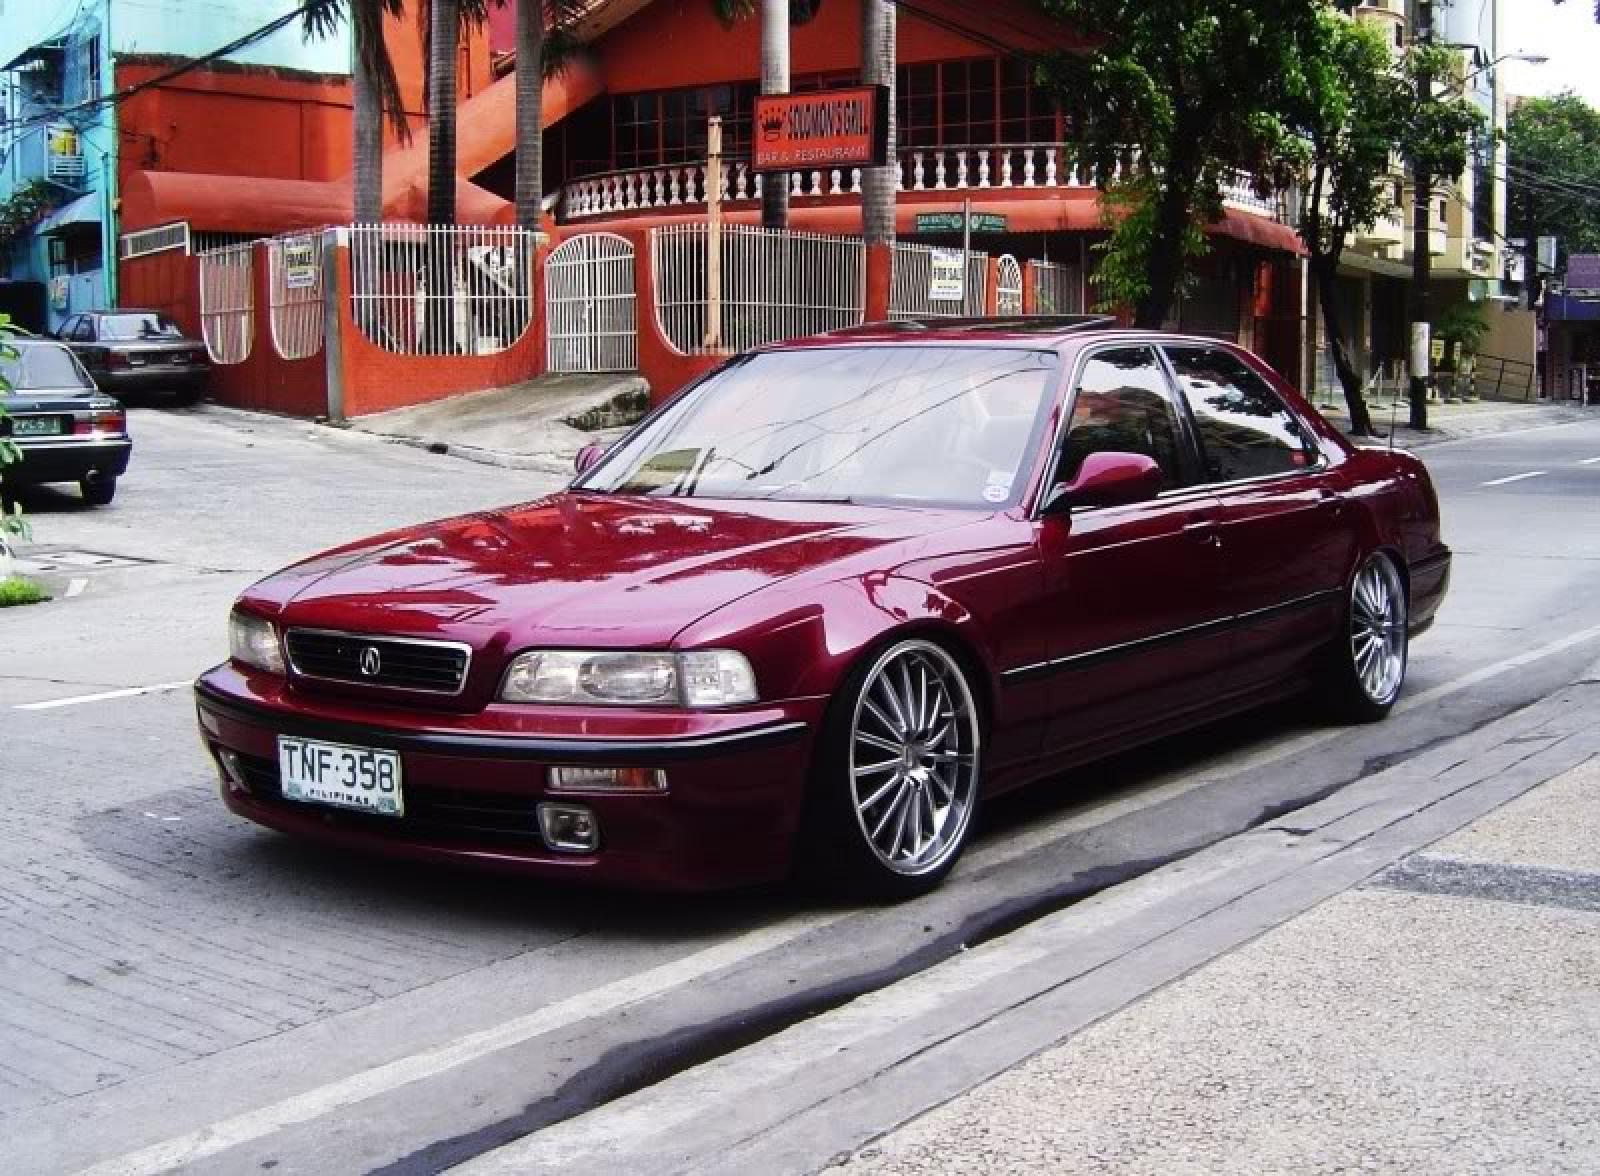 800 1024 1280 1600 Origin 1994 Acura Legend